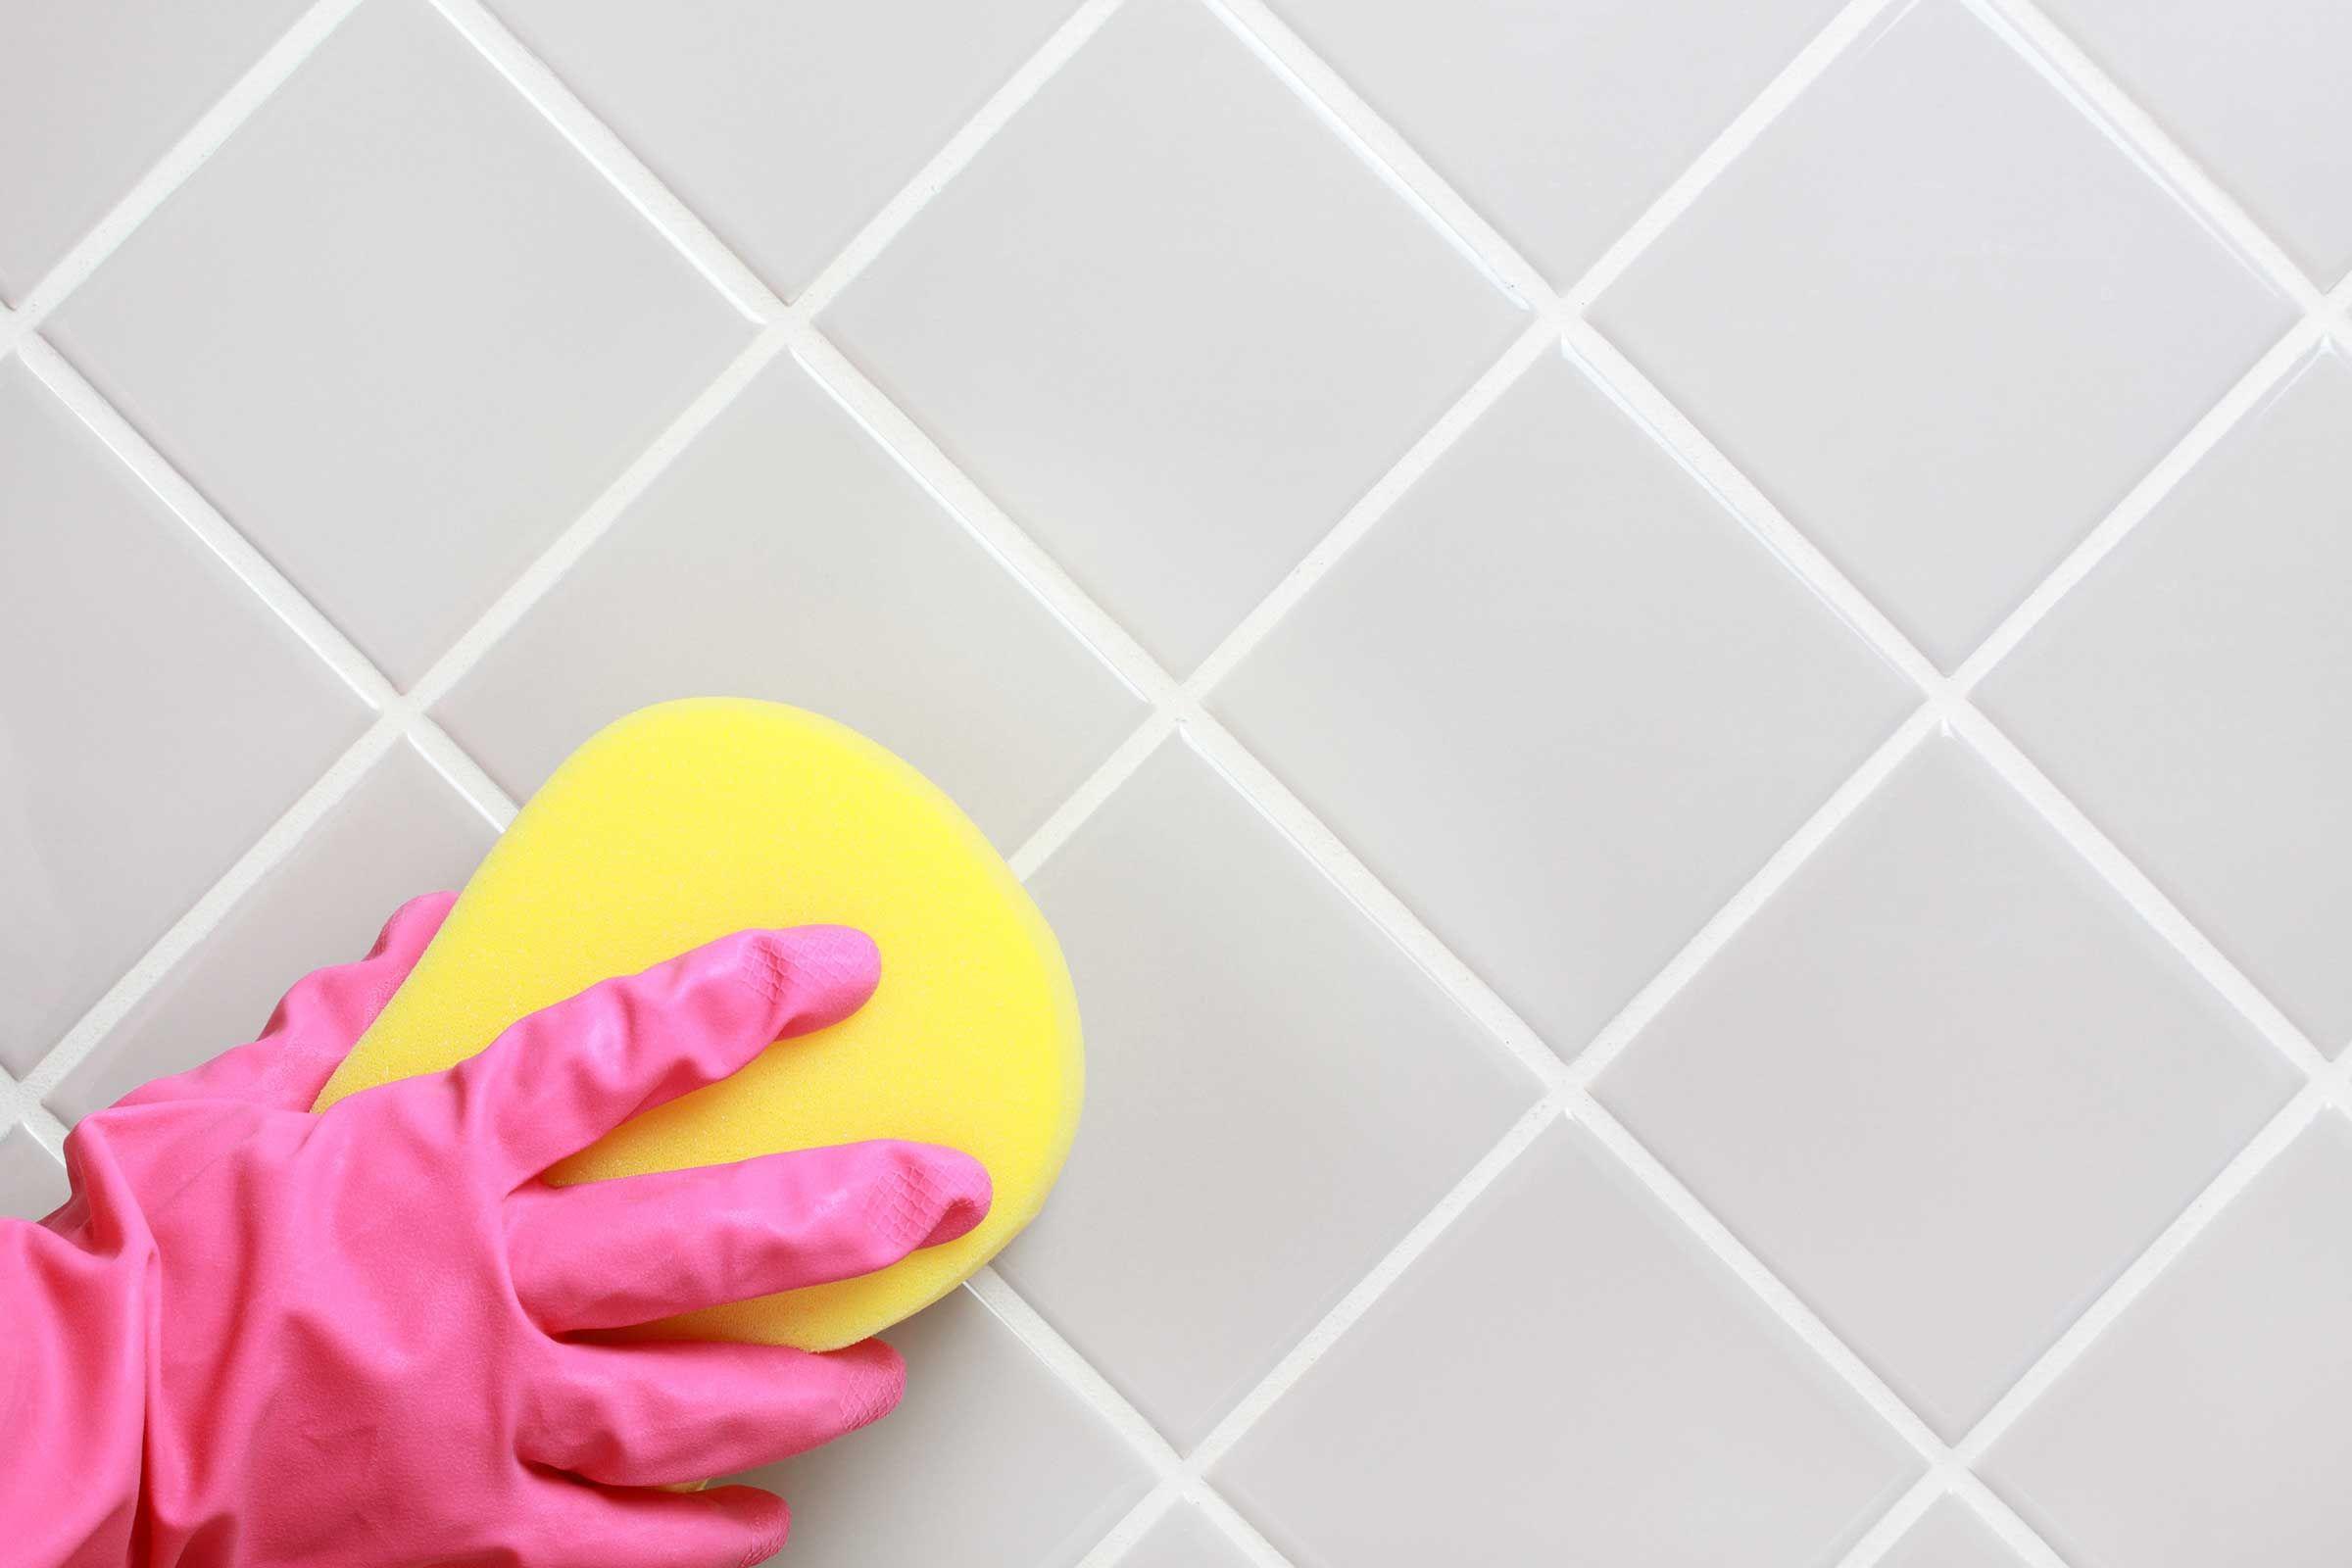 5 Nettoyants Miracles A Base De Bicarbonate De Soude Et Vinaigre Conseils De Nettoyage Nettoyage De La Maison Produits De Nettoyage Naturels